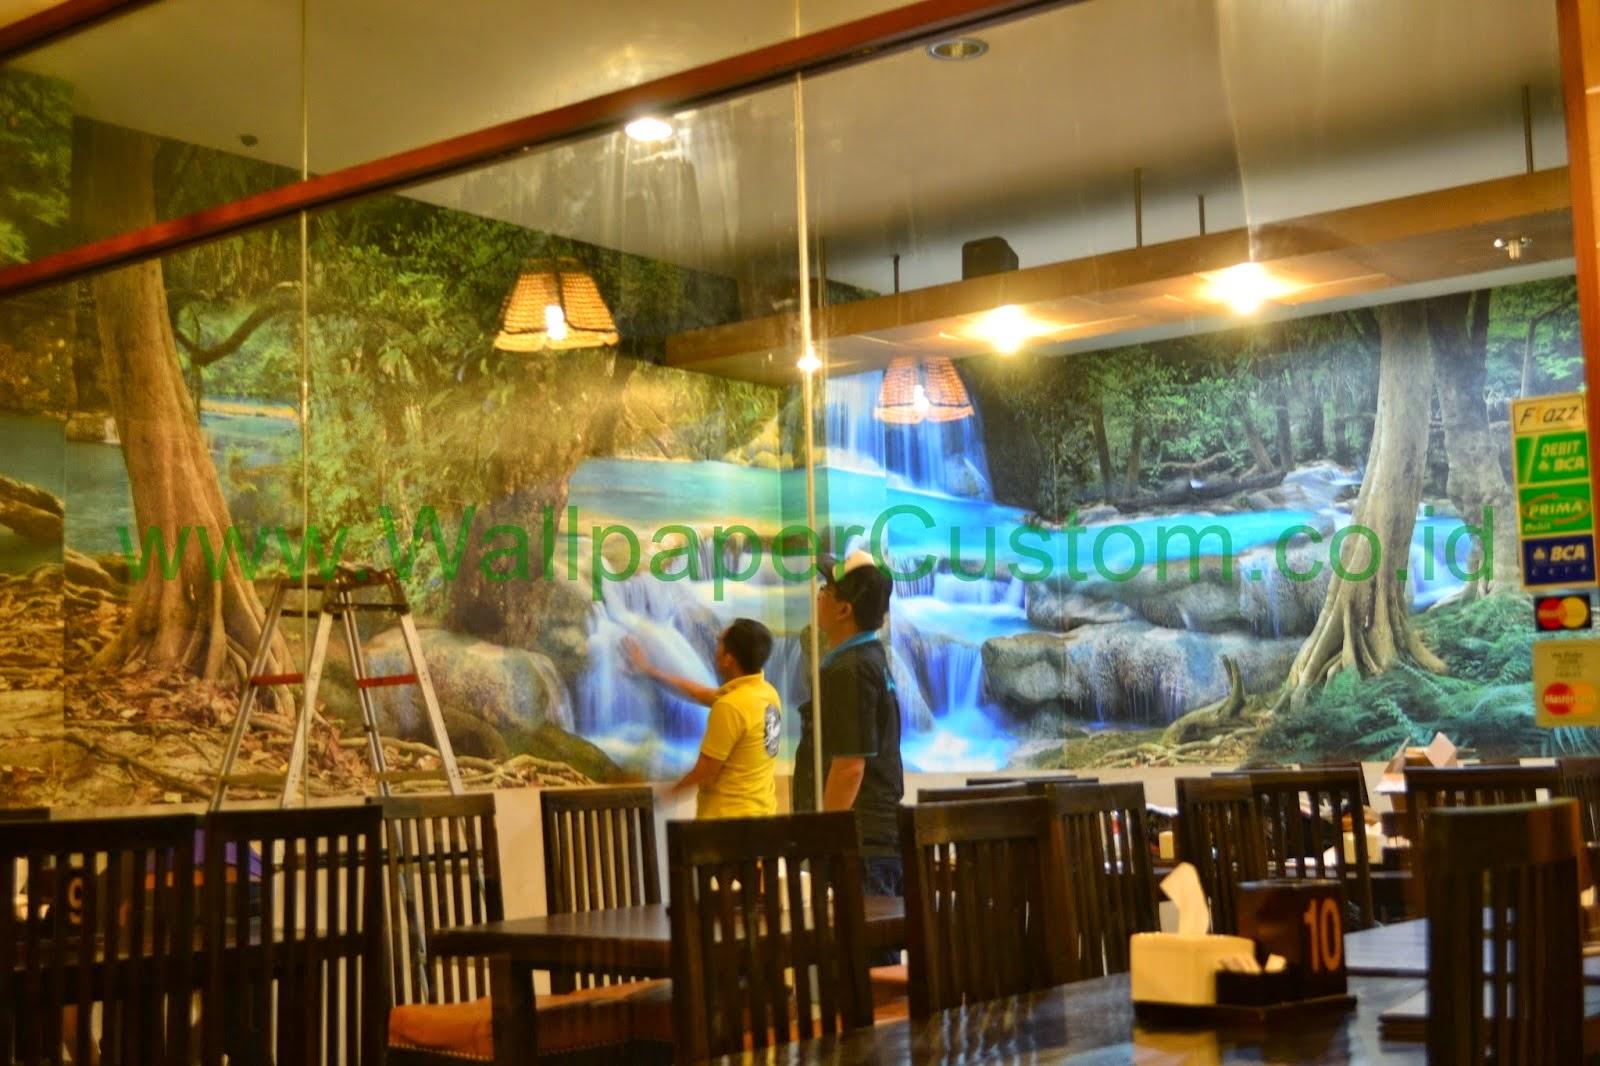 103 Jual Wallpaper Dinding 3d Di Bandung | Wallpaper Dinding